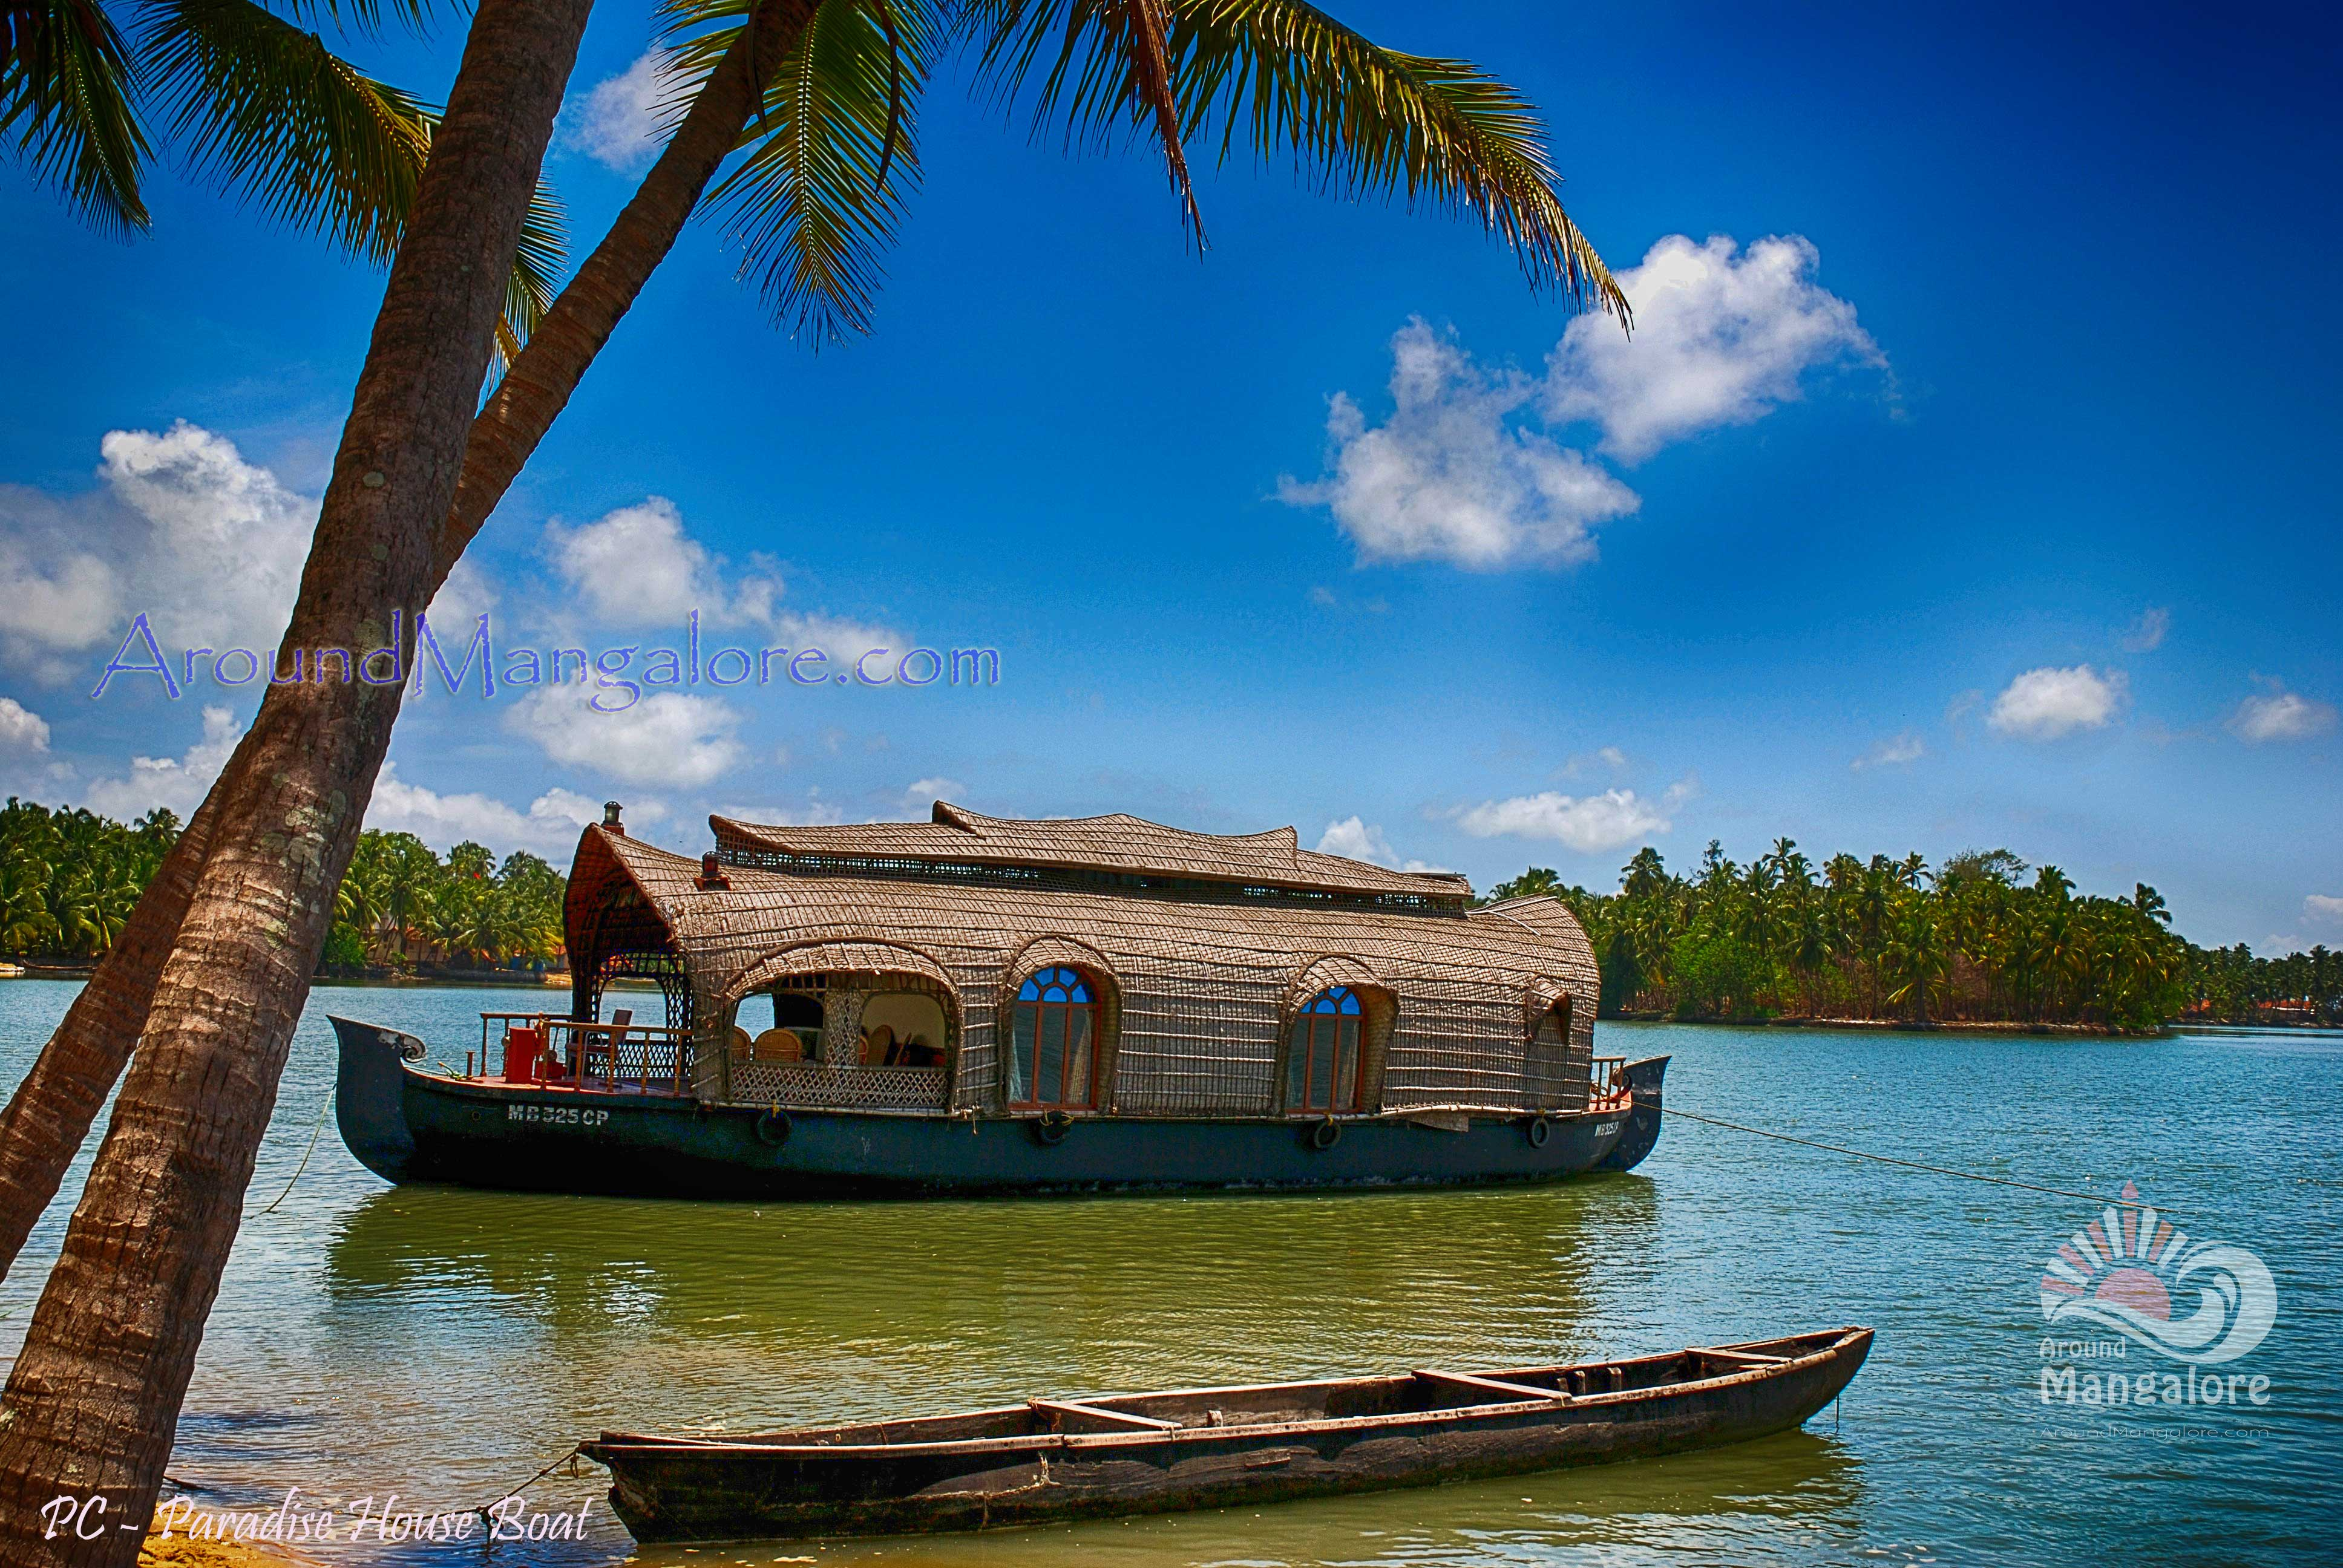 Paradise House Boat - Udupi, Karnataka